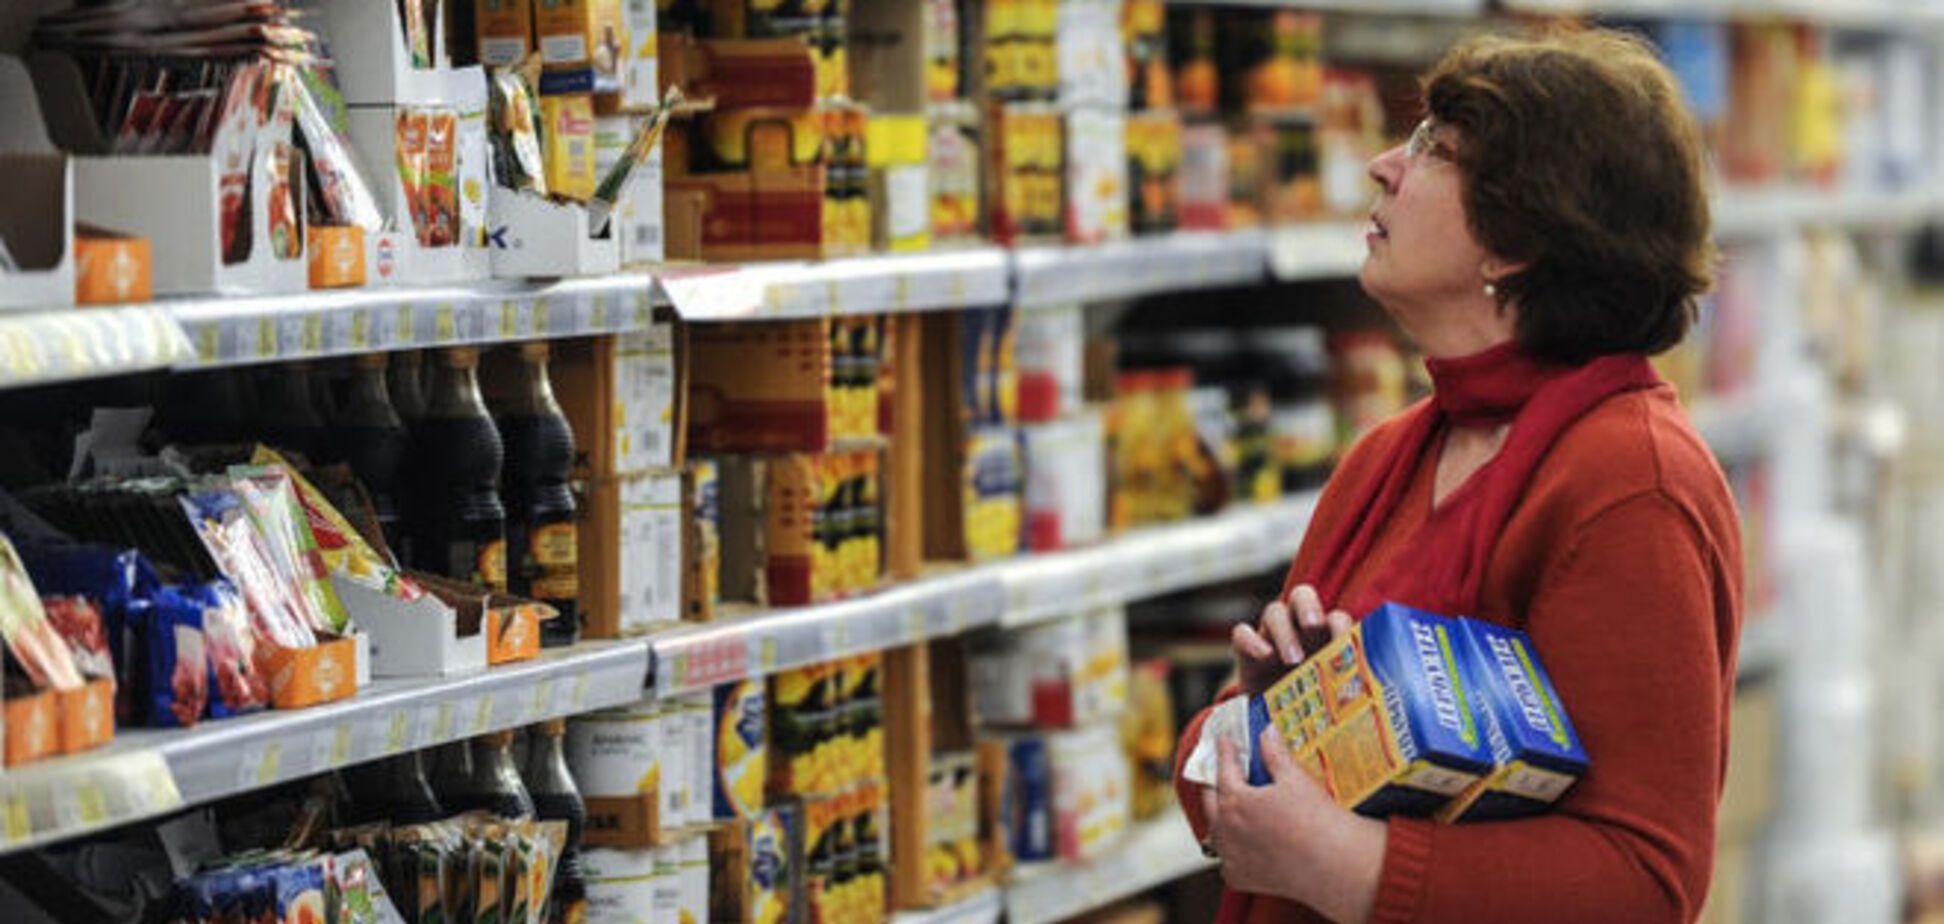 Финансовый аналитик Сальникова объяснила, как будут изменяться цены на продукты